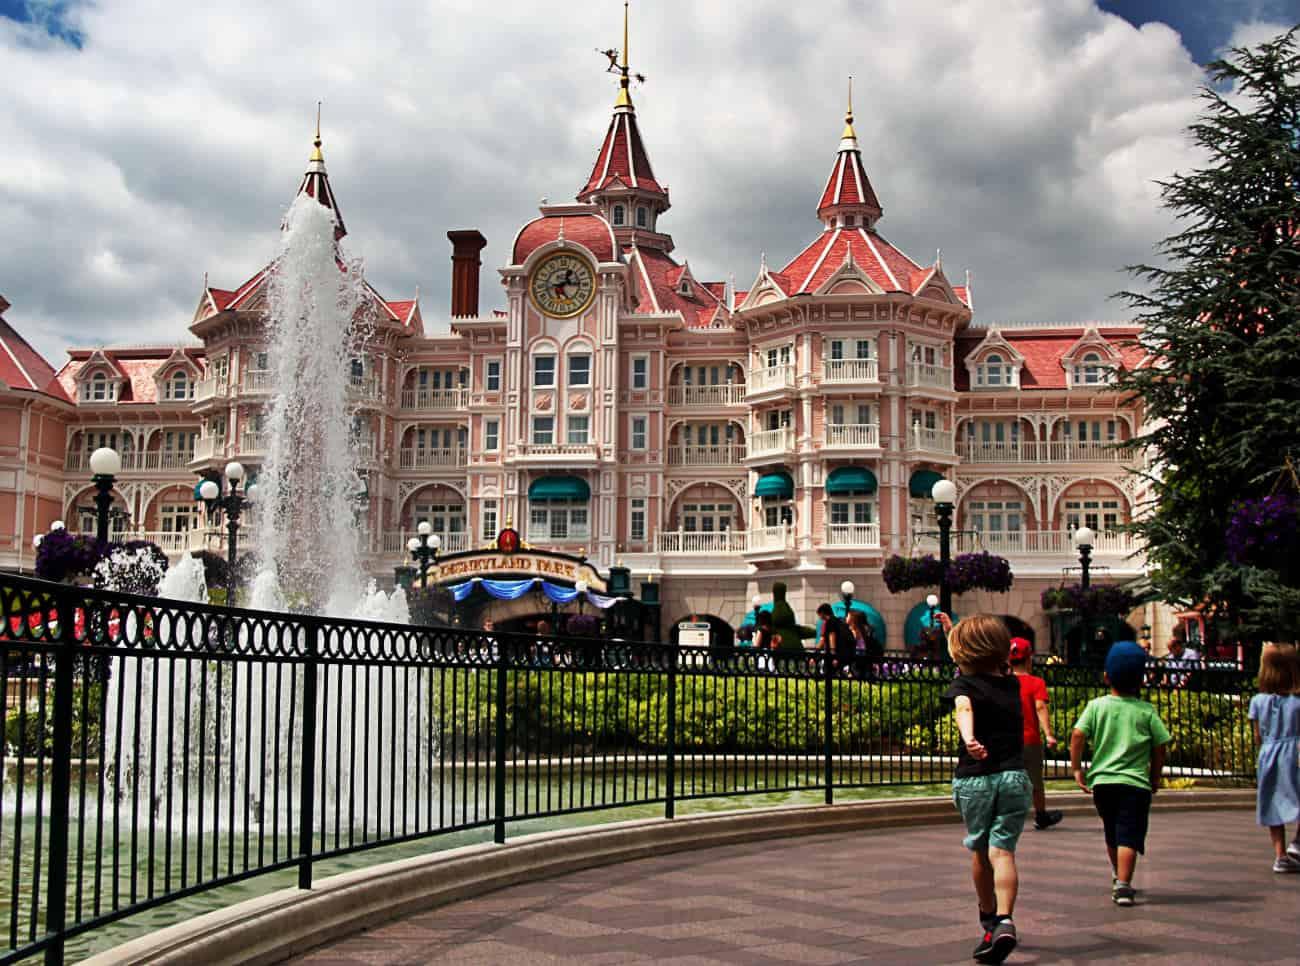 Kilkudniowy wypad do Disneylandu